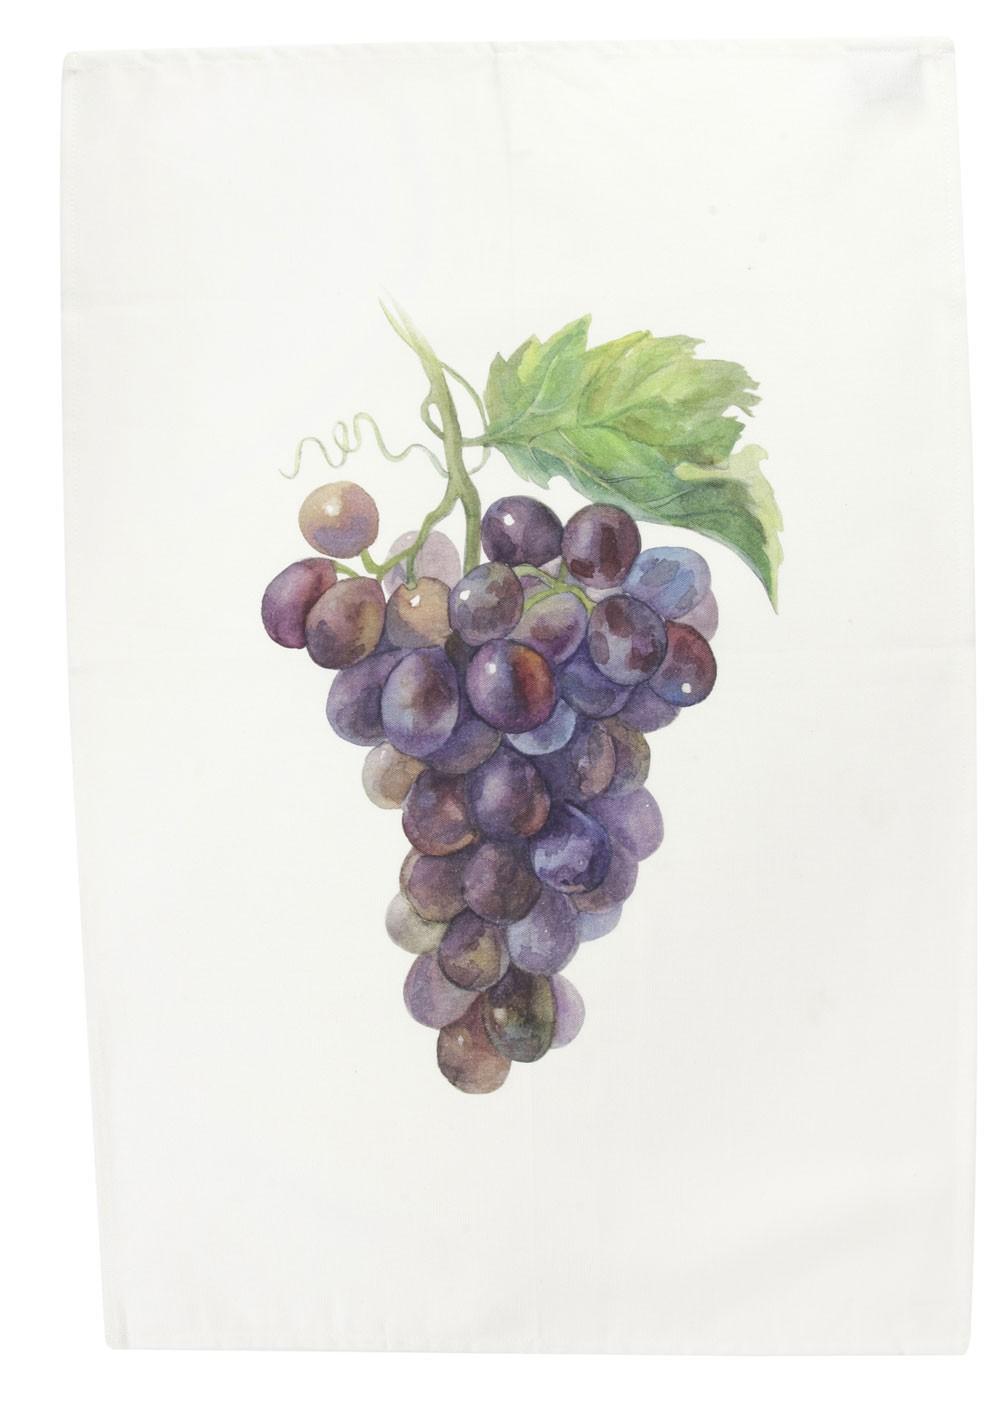 Saveurs -  Torchon Legume du jardin raisin 70x50cm